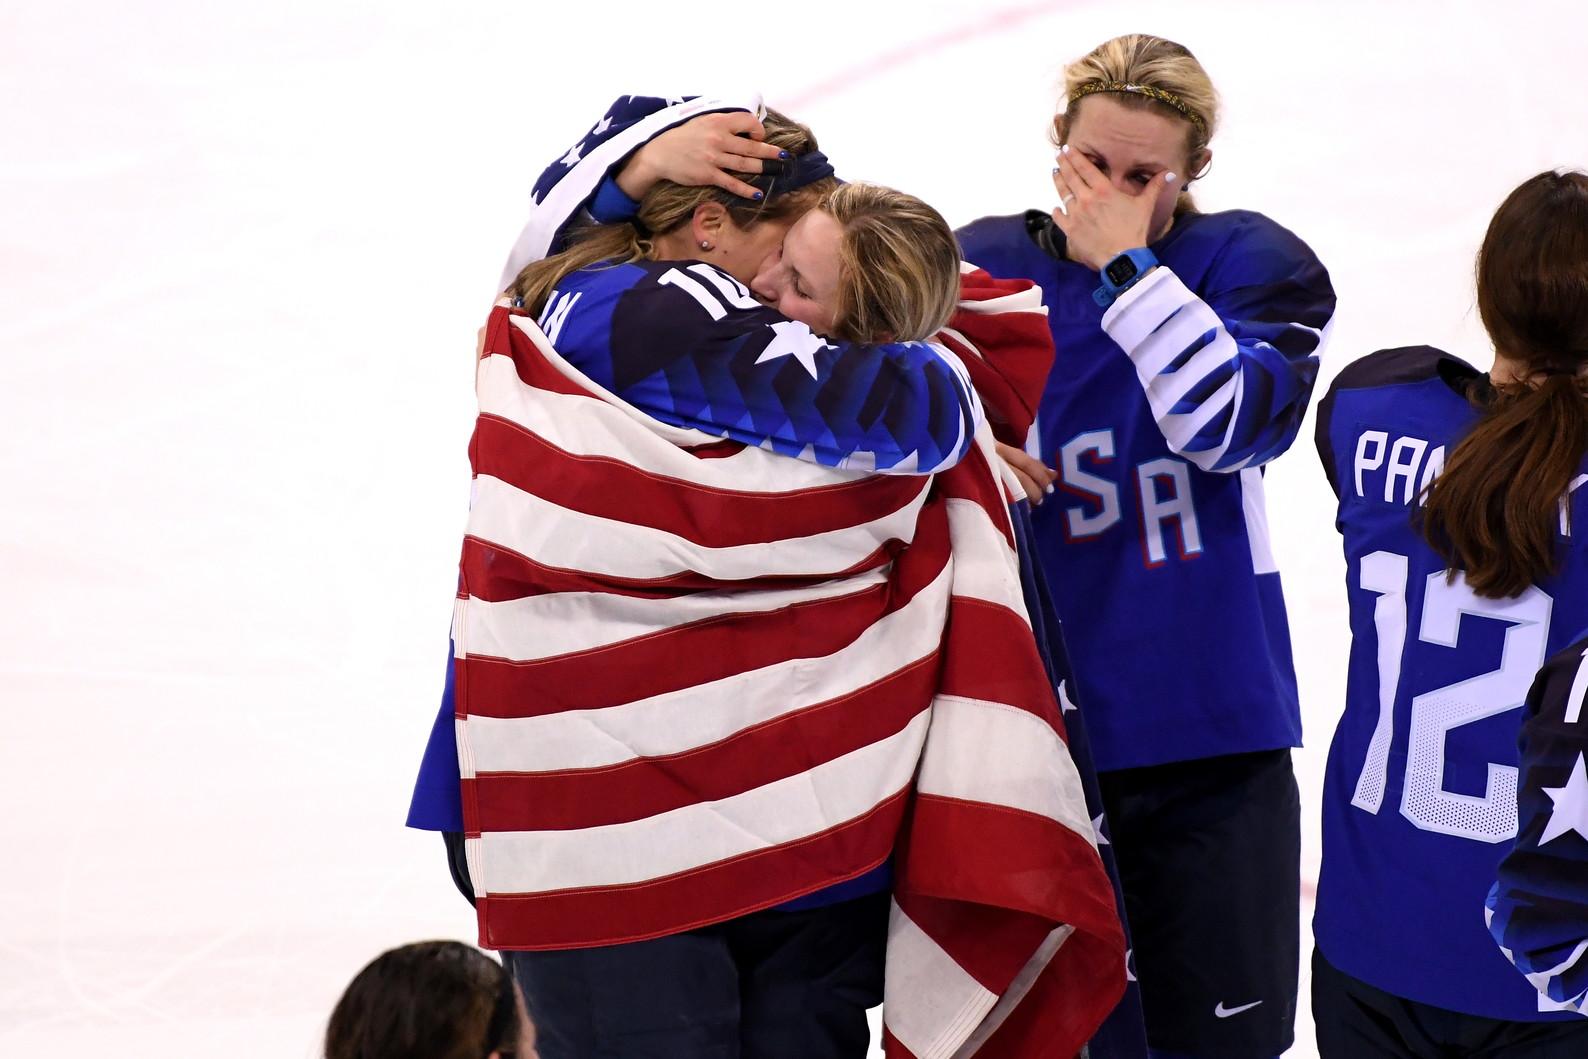 22 febbraio 2018: gli Usa vincono l'oro nell'hockey femminile